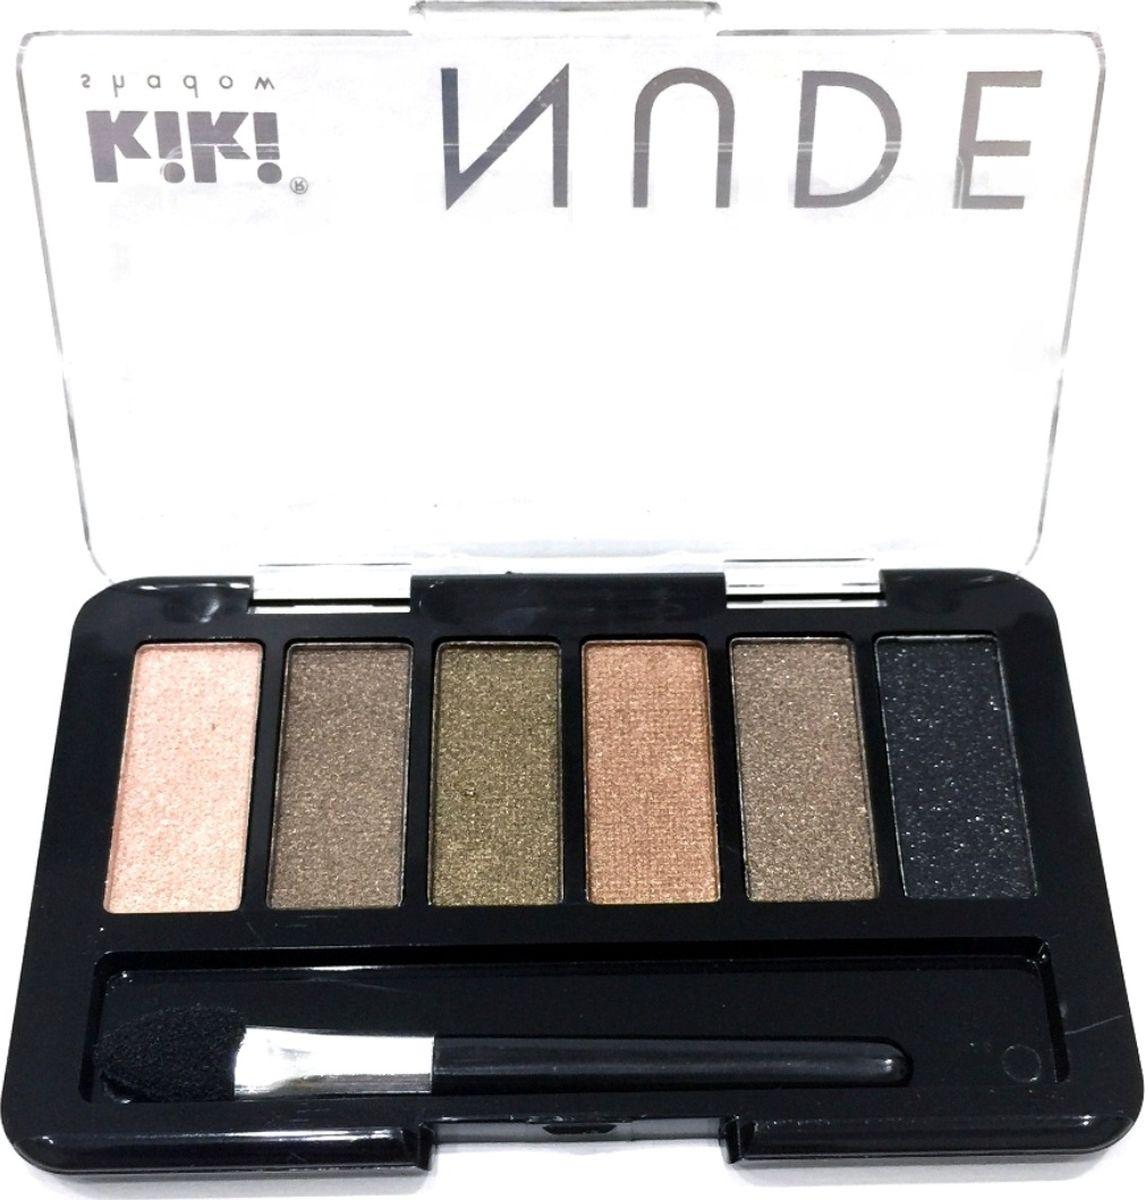 Kiki Тени для век shadow Nude 901, 2.76 гр10909901Шесть идеально подобранных оттенков в нюдовых тонах не оставят вас равнодушными. Тени обладают нежной, хорошо поддающейся растушевке текстурой. Благодаря удобному аппликатору макияж можно создавать буквально на ходу.